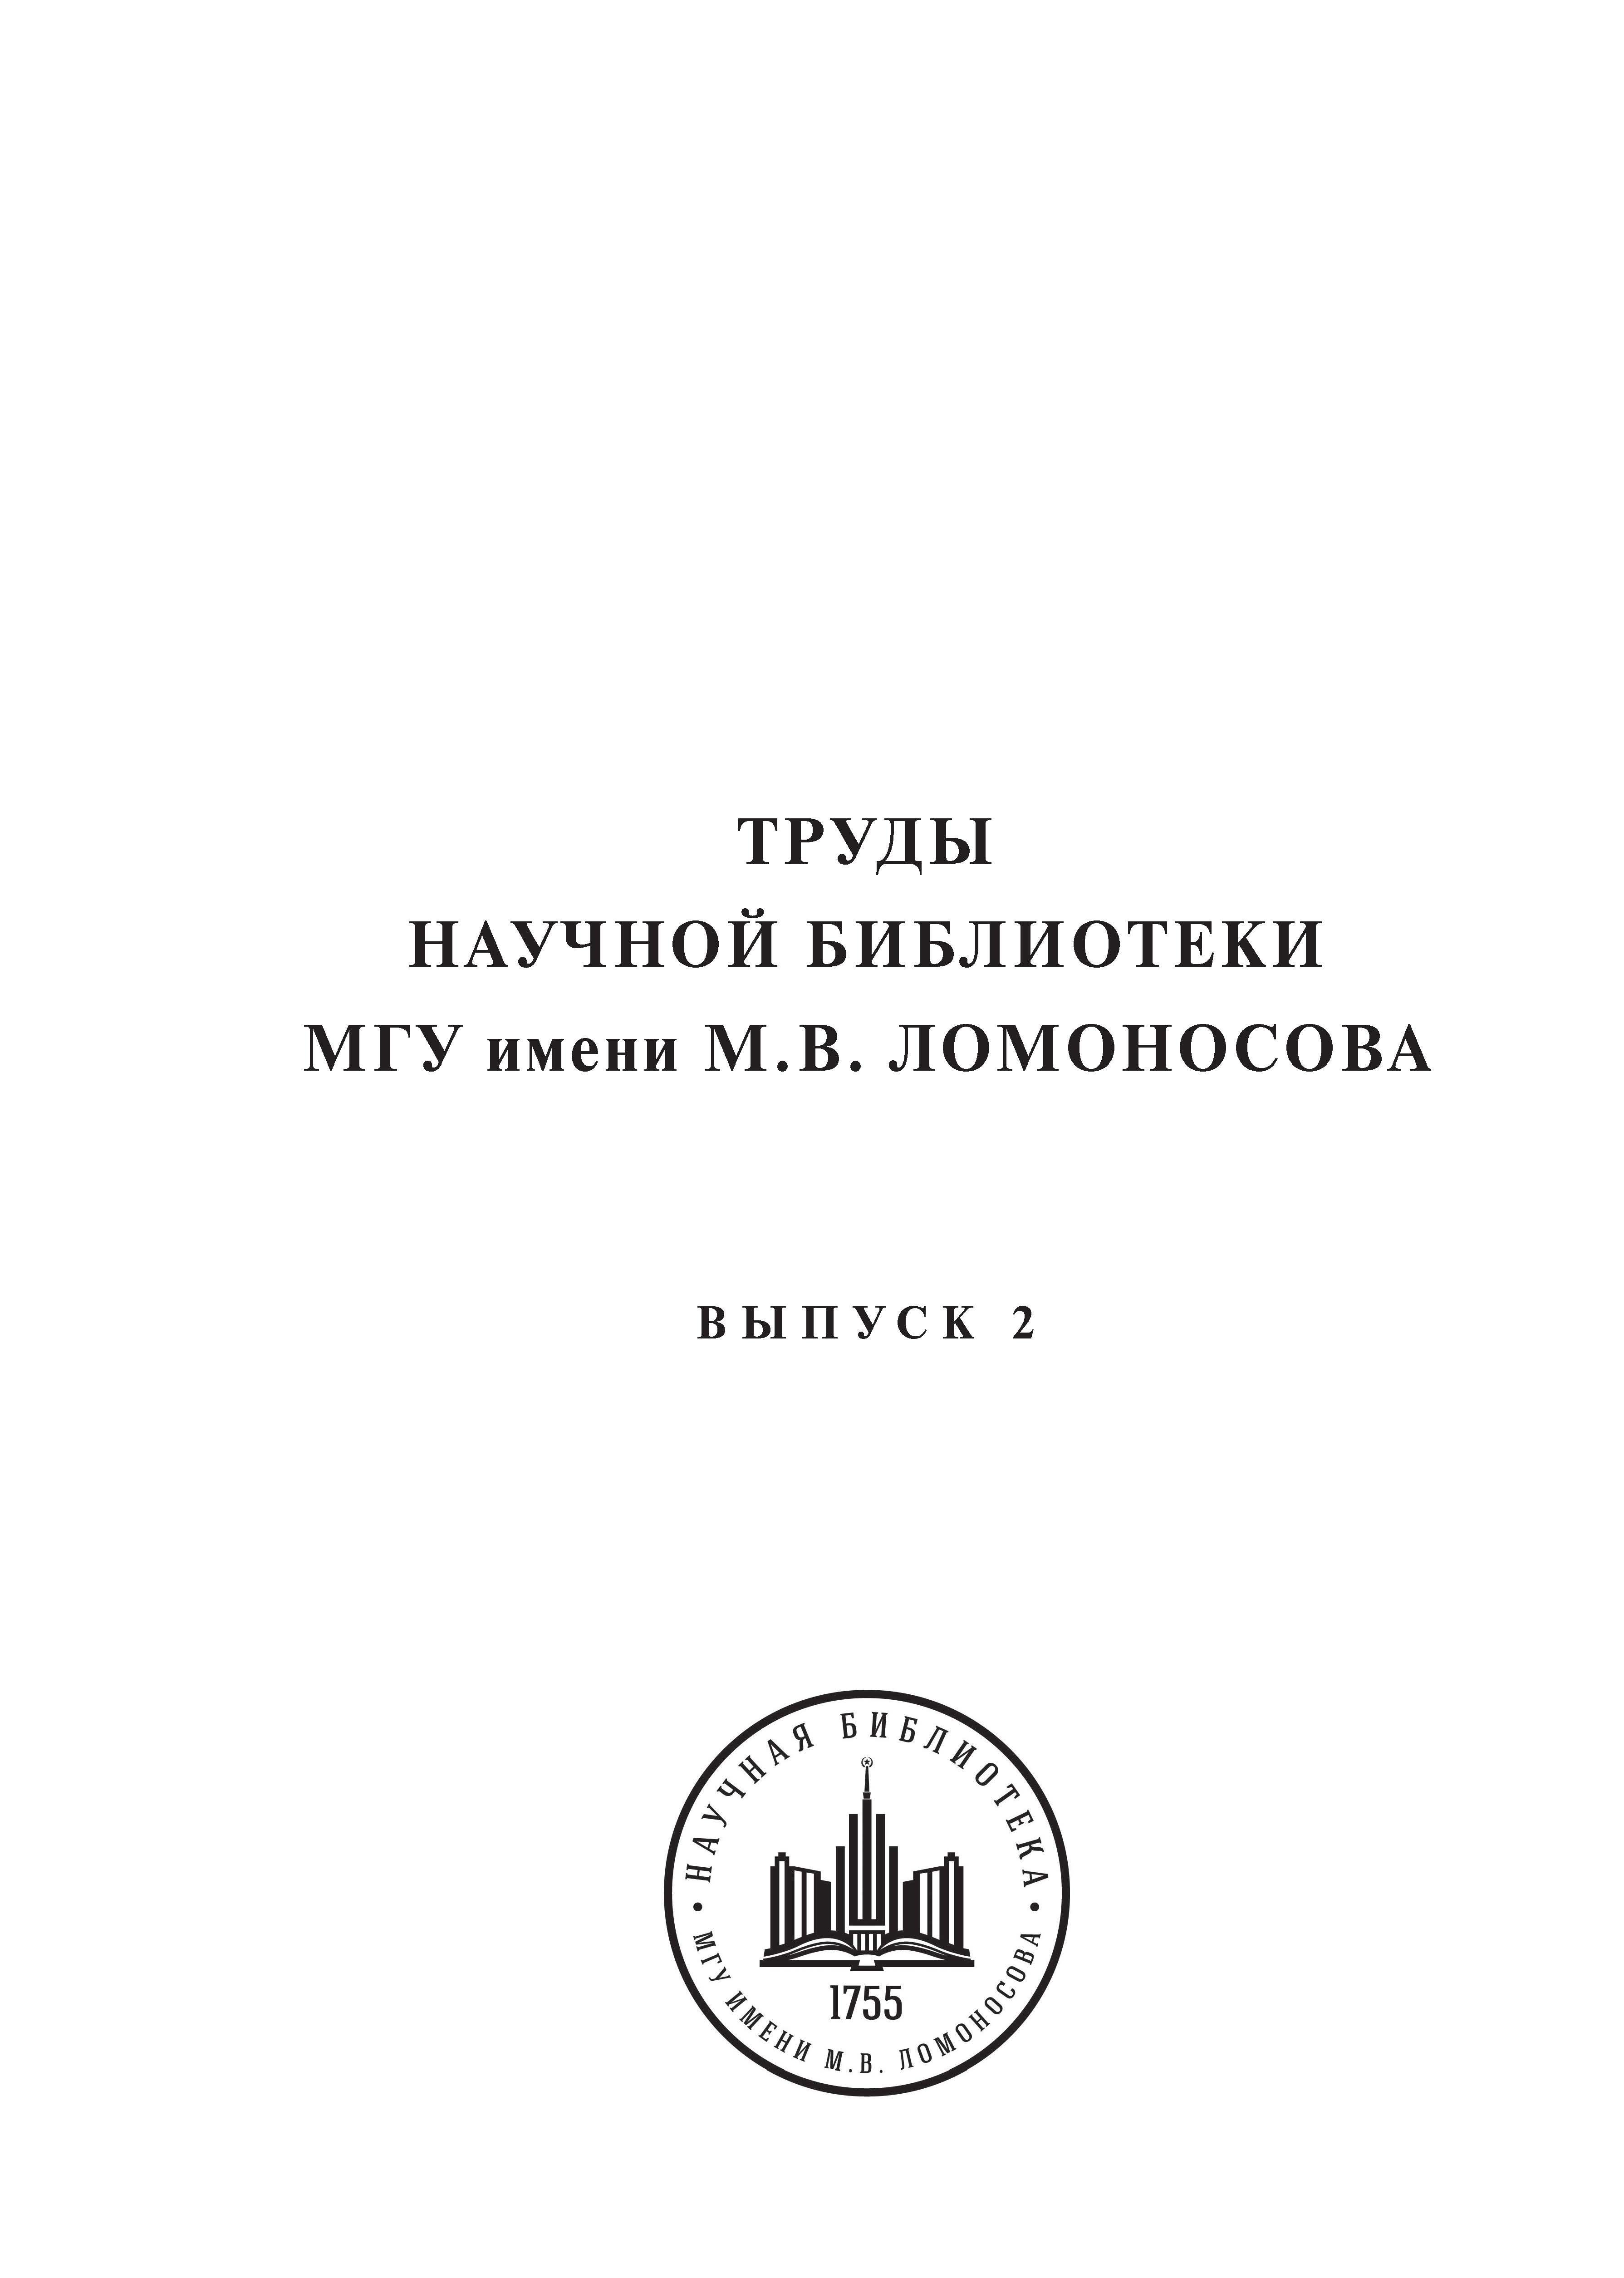 Труды Научной библиотеки МГУ имени М.В. Ломоносова. Вып. 2.